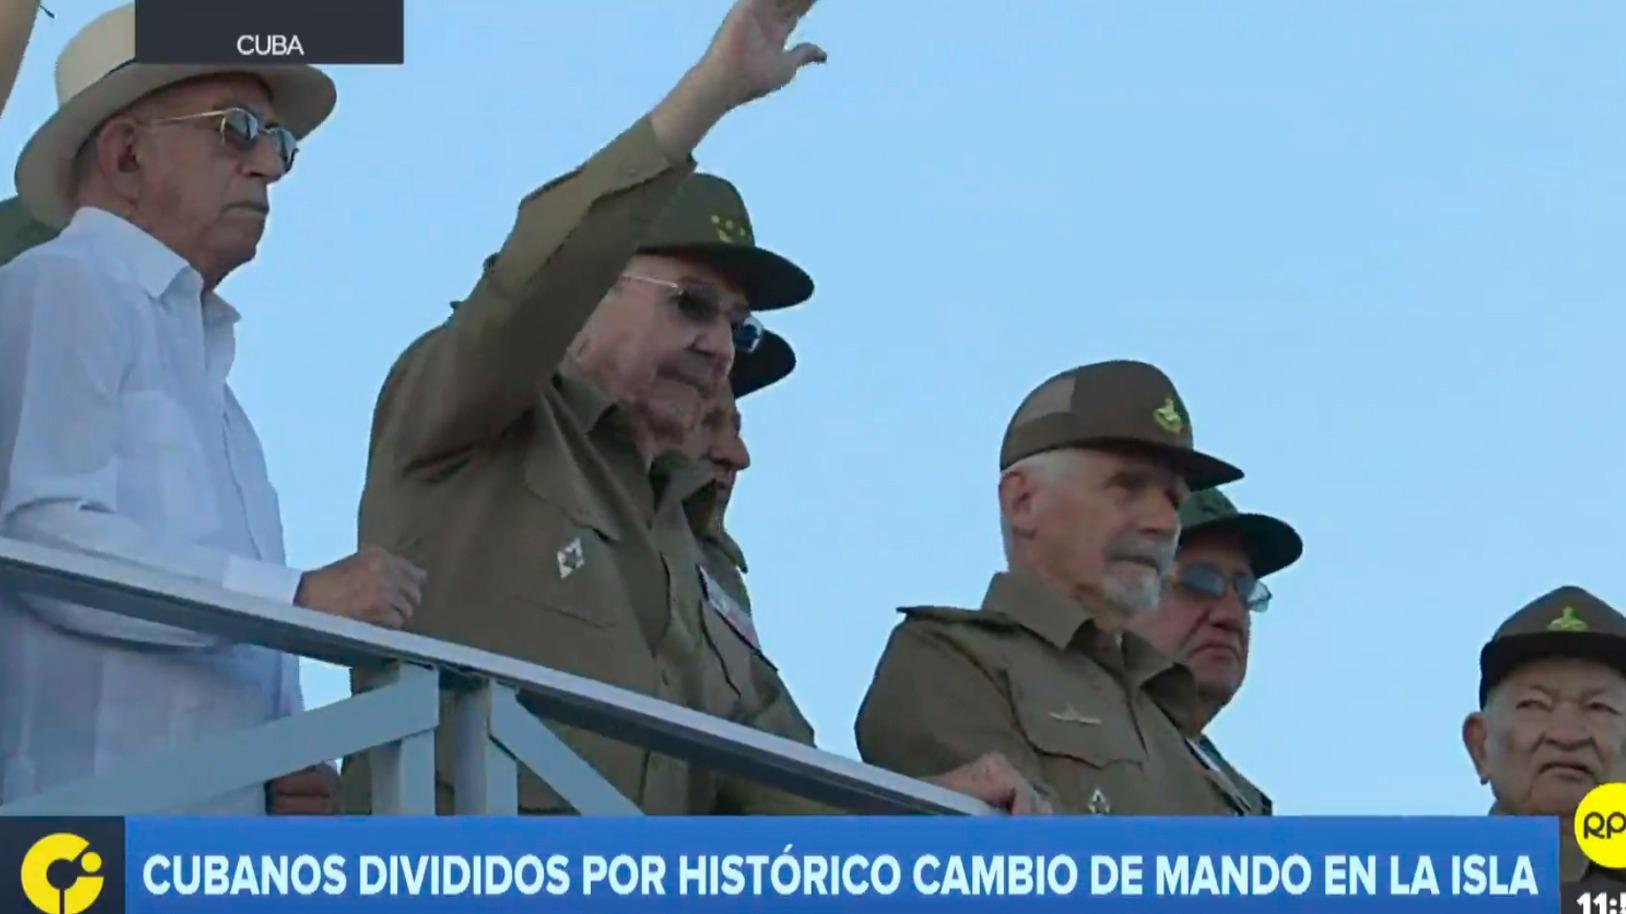 Cubanos divididos por histórico cambio de mando en la isla